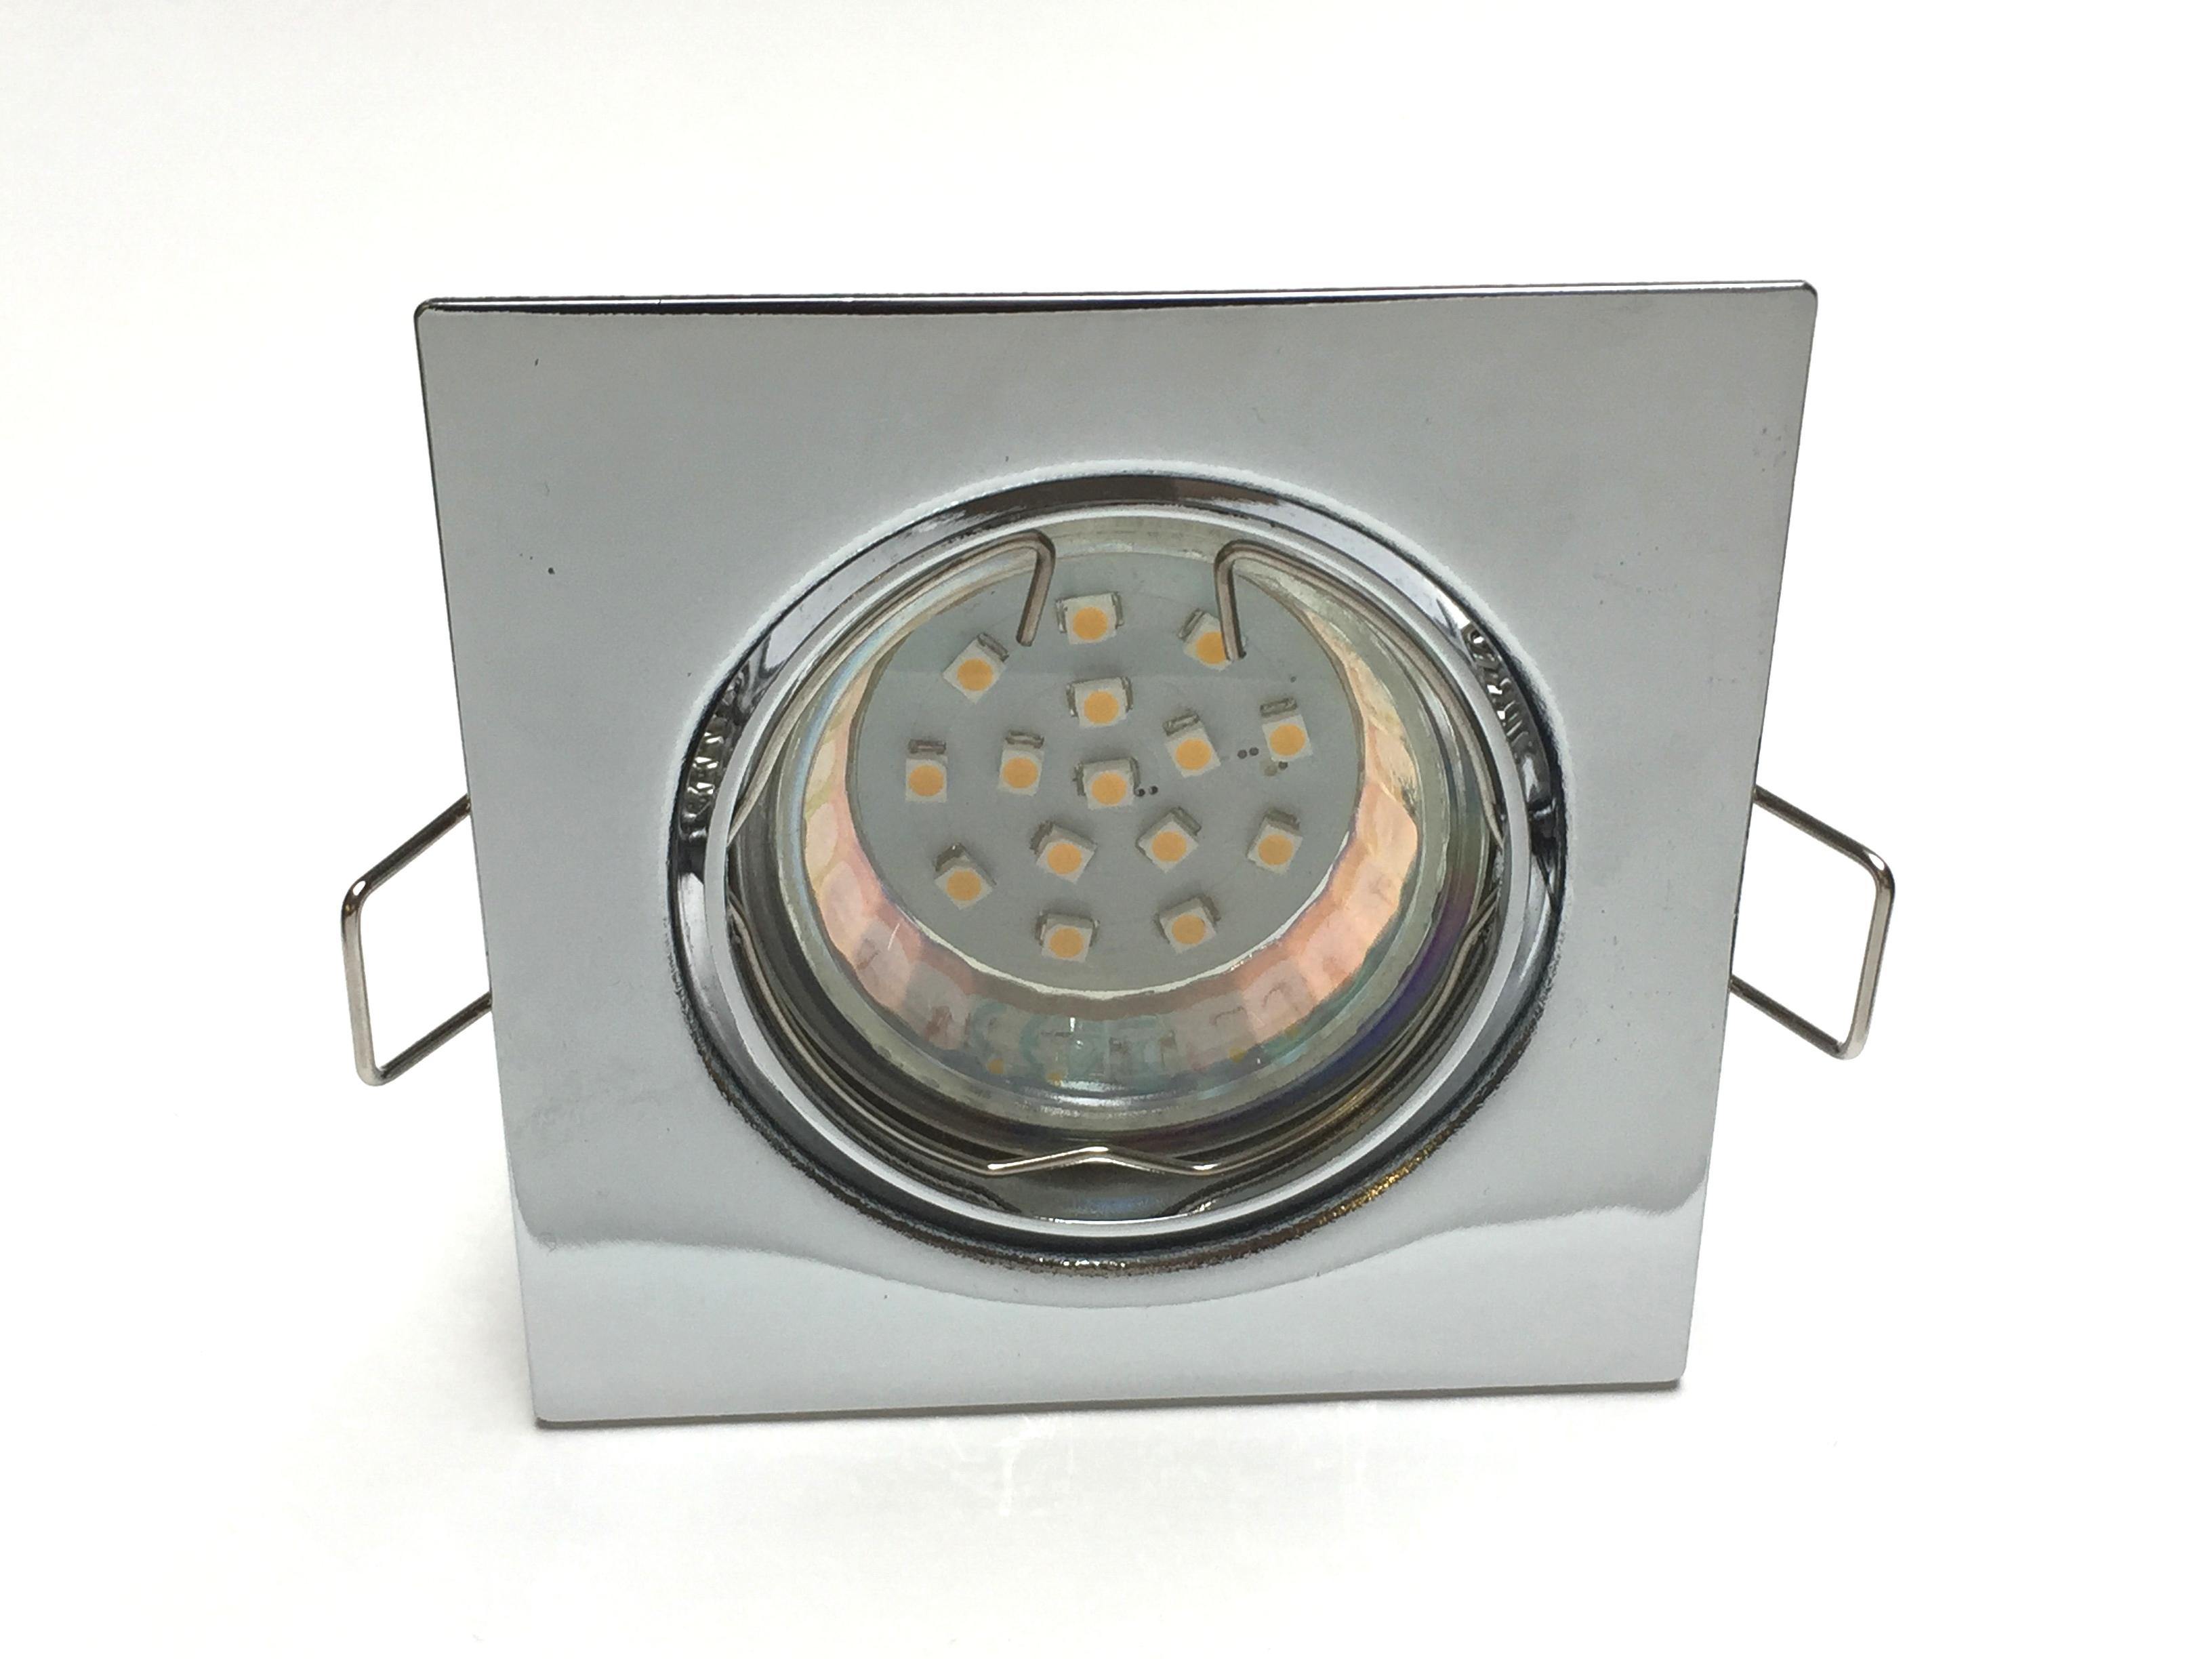 Metall Einbaustrahler Set 15 SMD GU10 Chrom viereckig schwenkbar